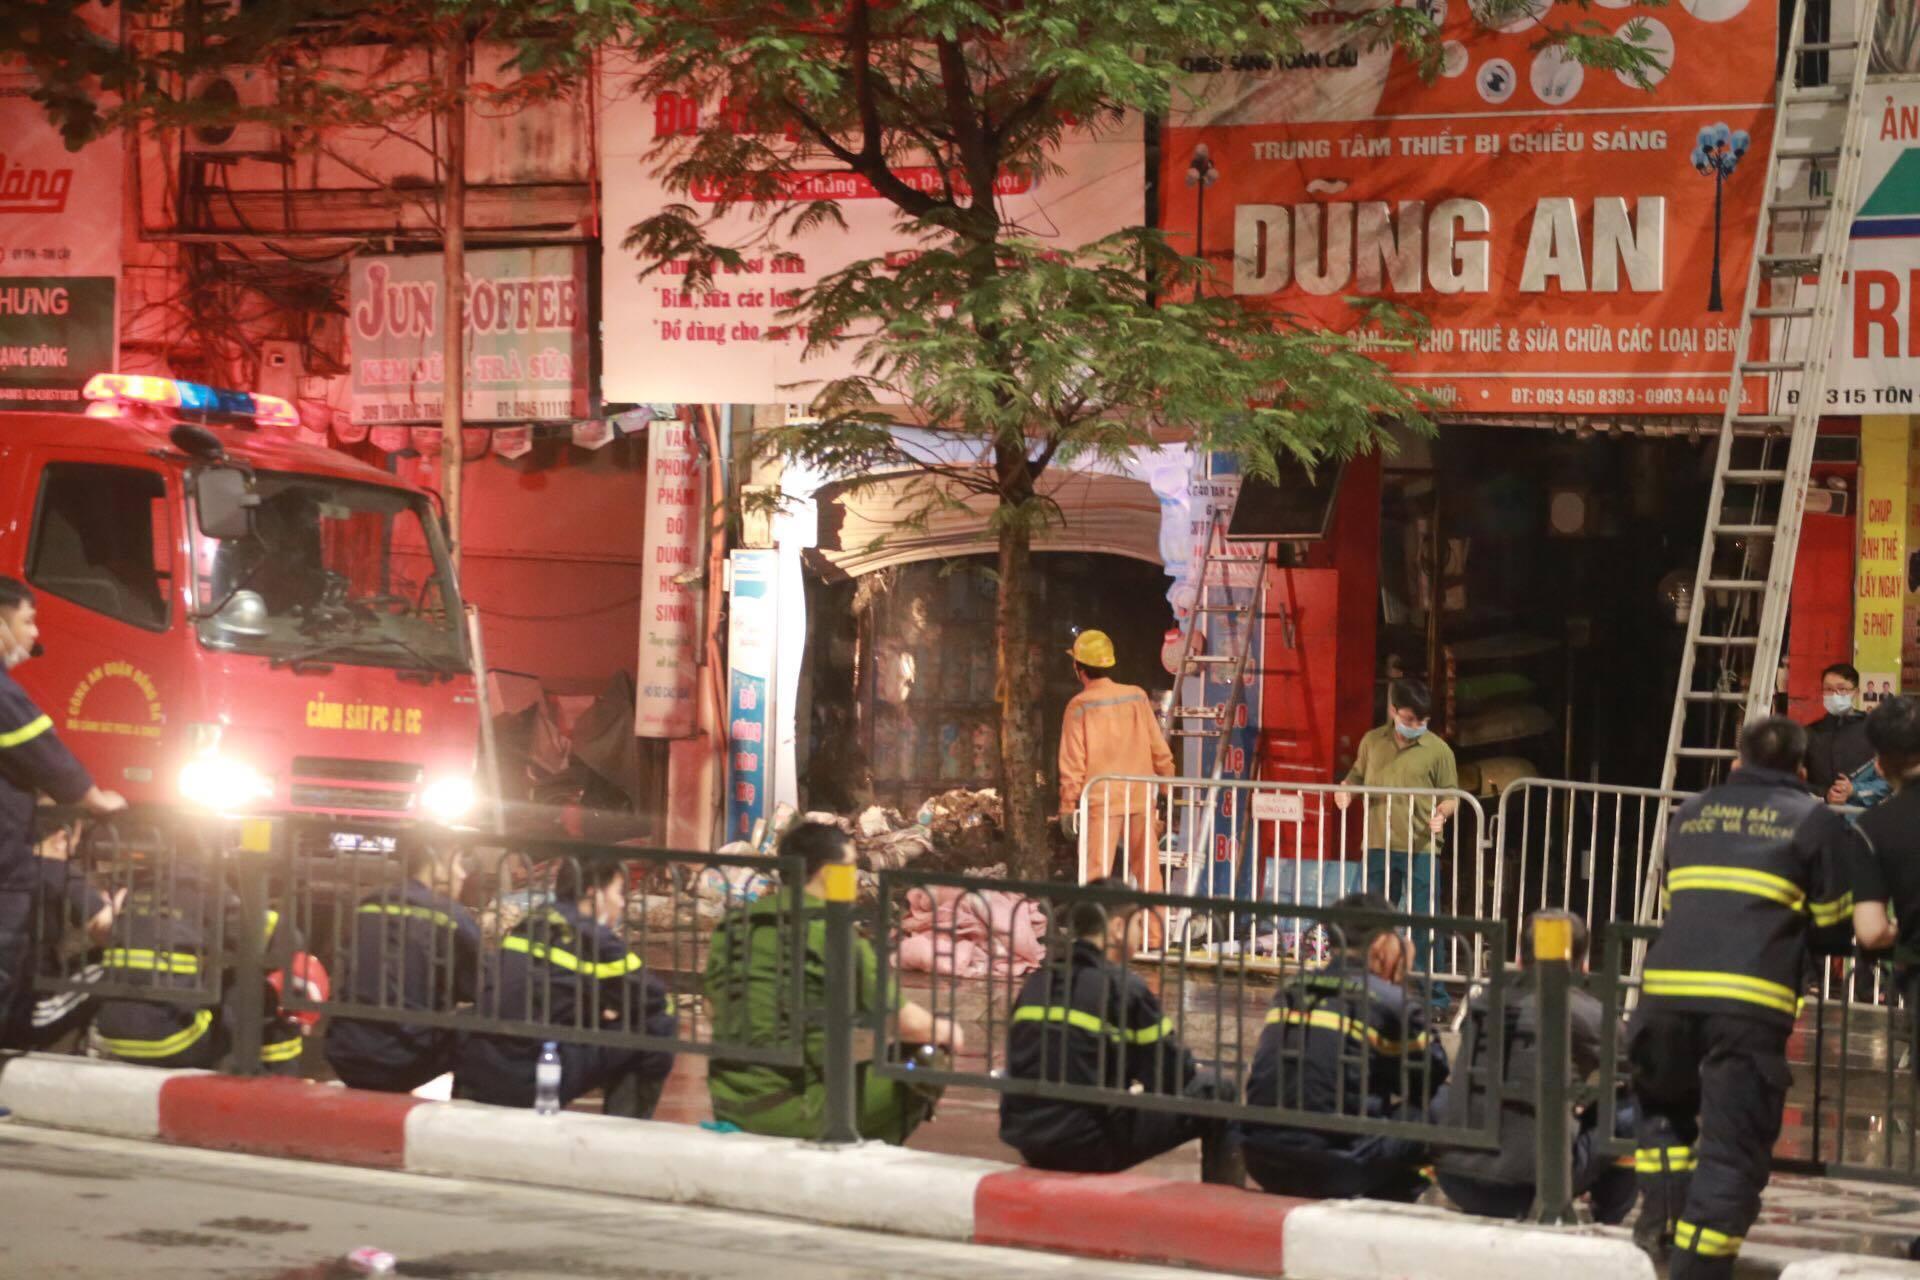 4 người tử vong trong vụ cháy lớn ở cửa hàng phố Tôn Đức Thắng